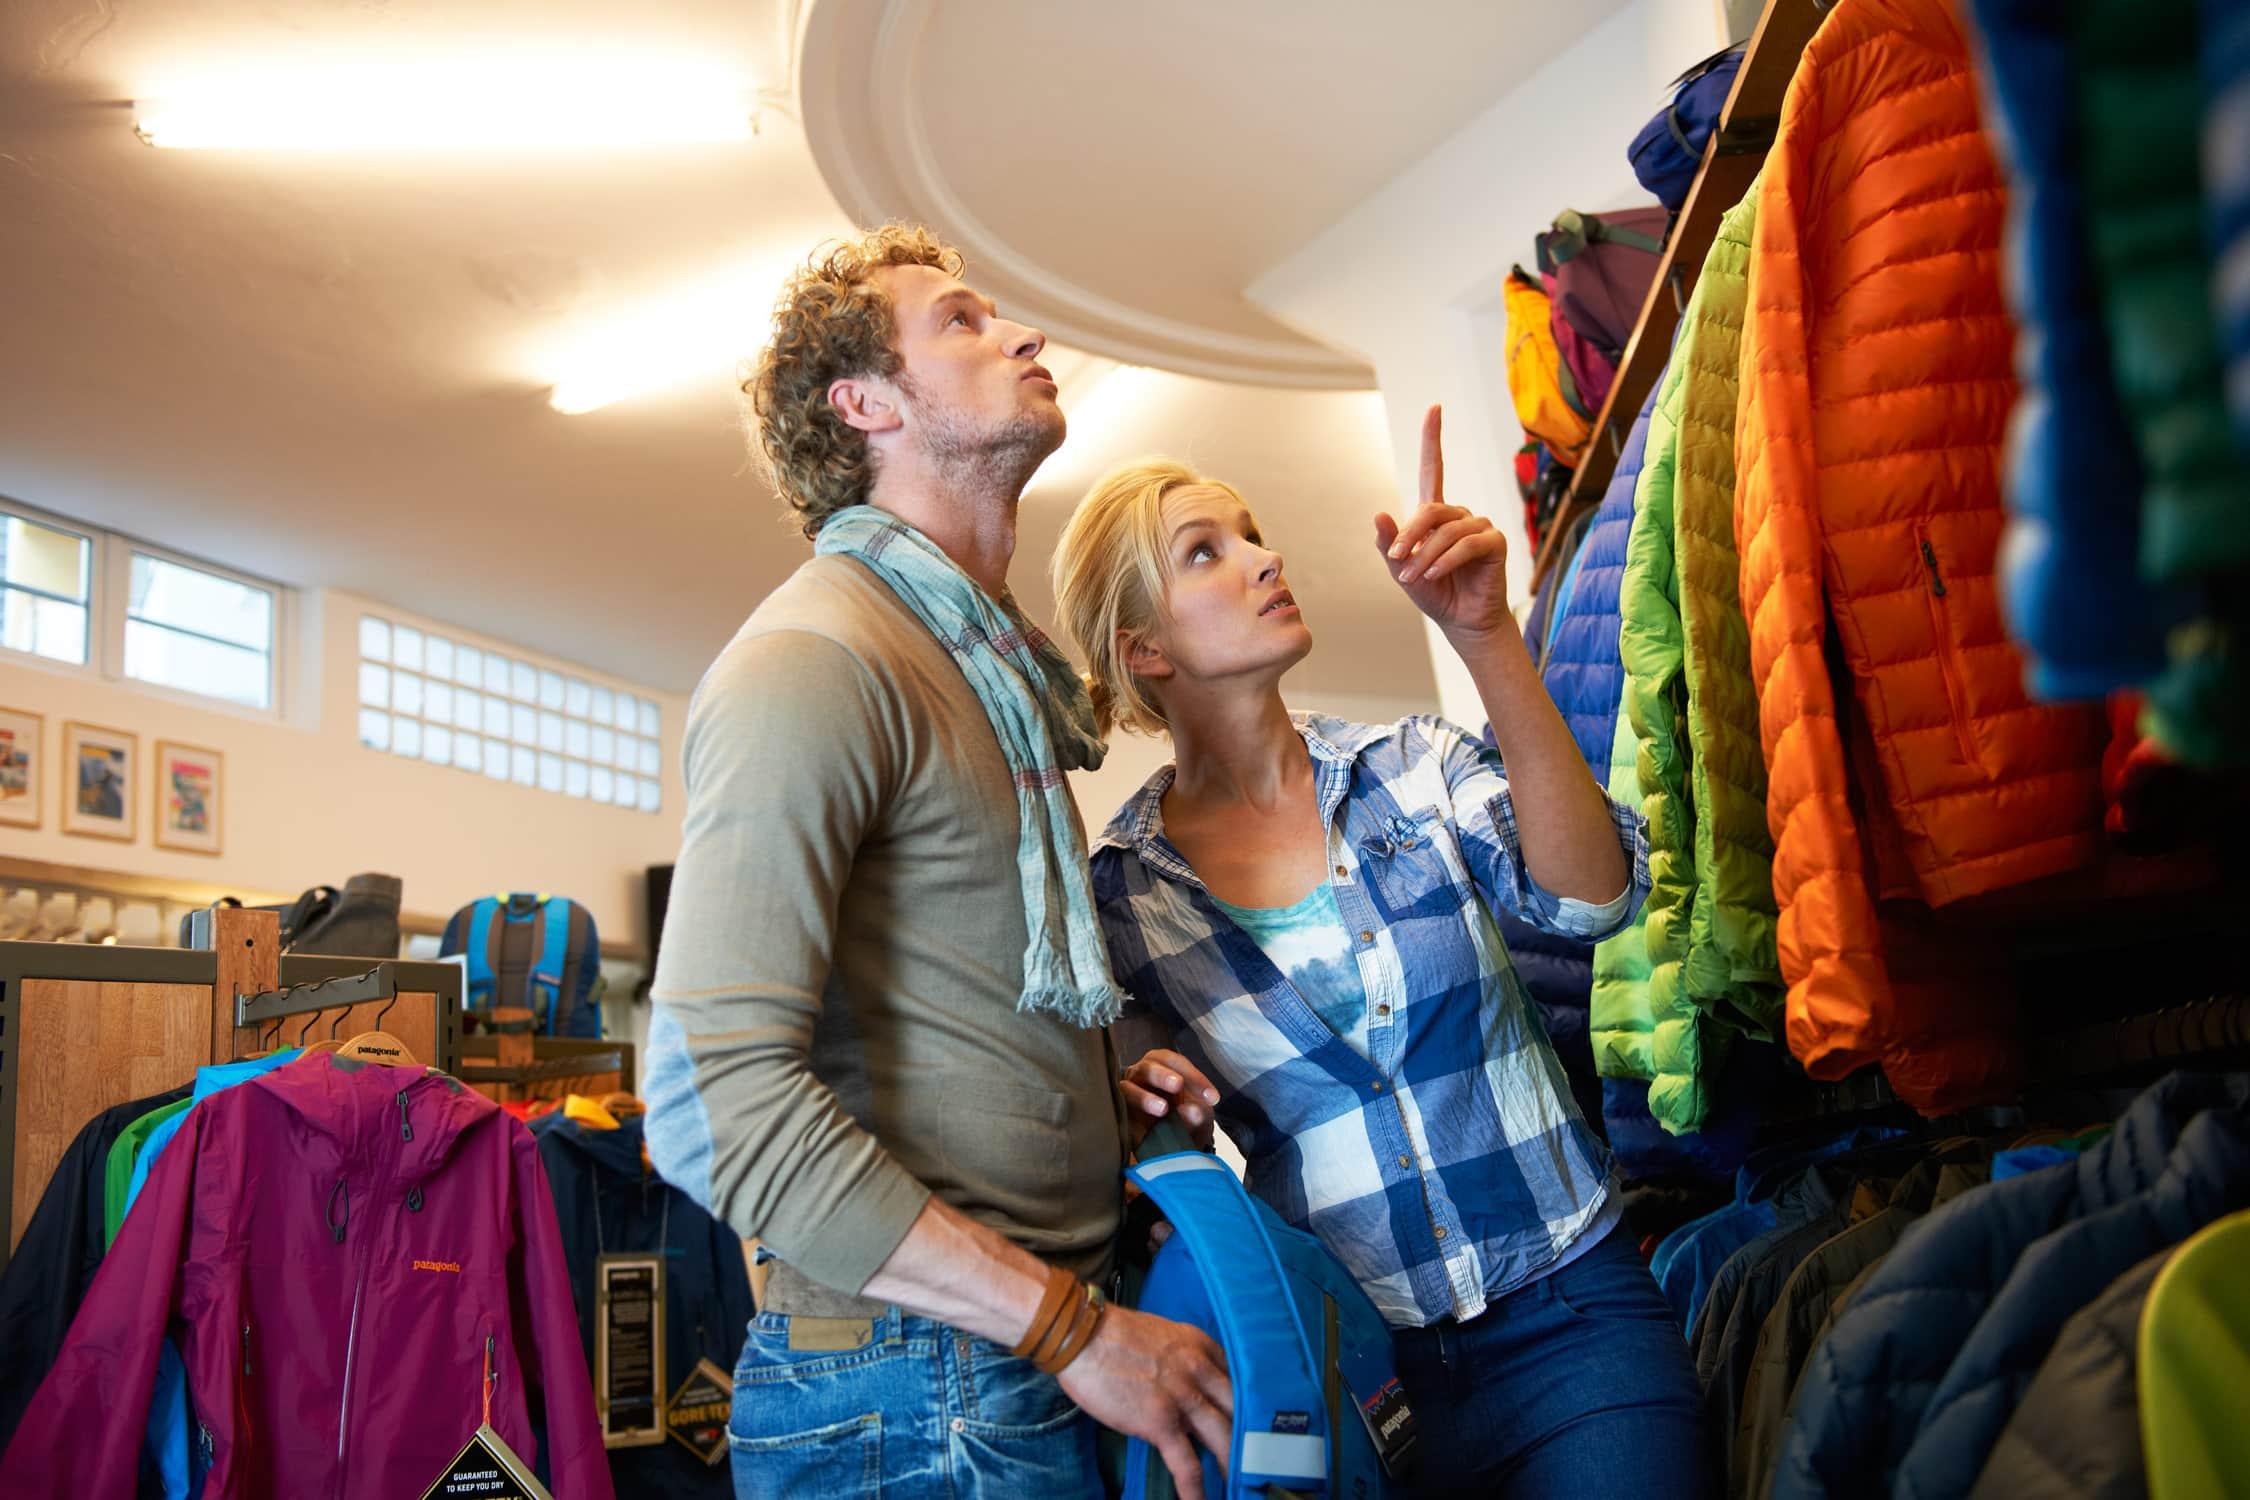 Portrait eines sportlichen Paares, dass interessiert in einem Outdoorladen nach passenden Kleidungsstücken sucht